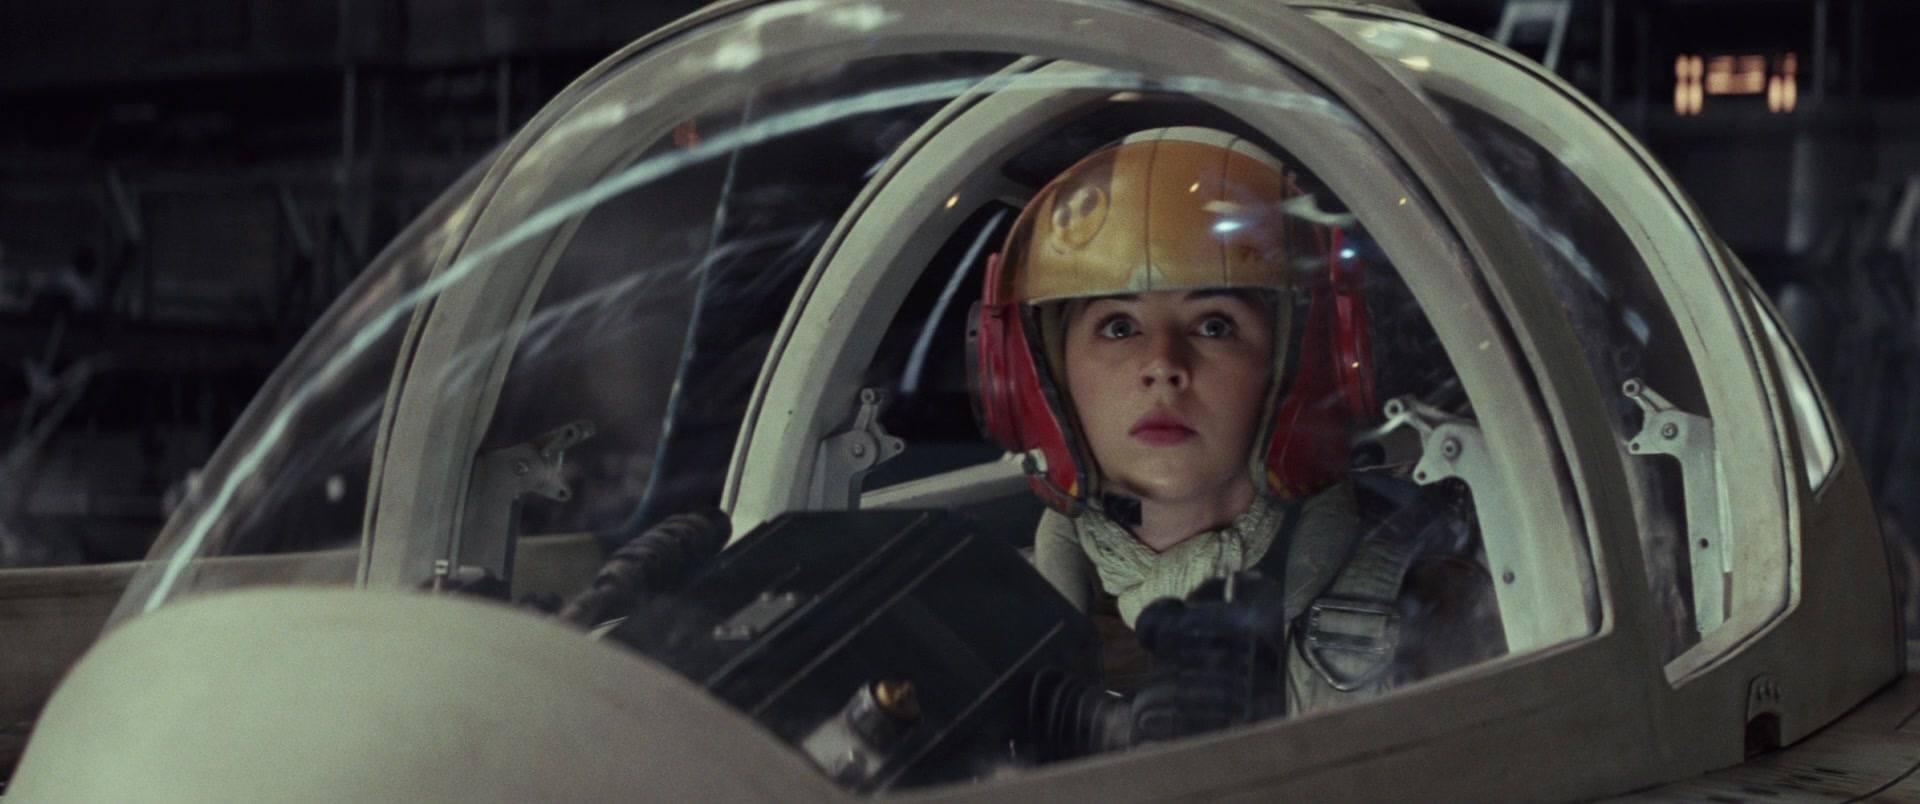 Tallie Lintra in Star Wars: The Last Jedi